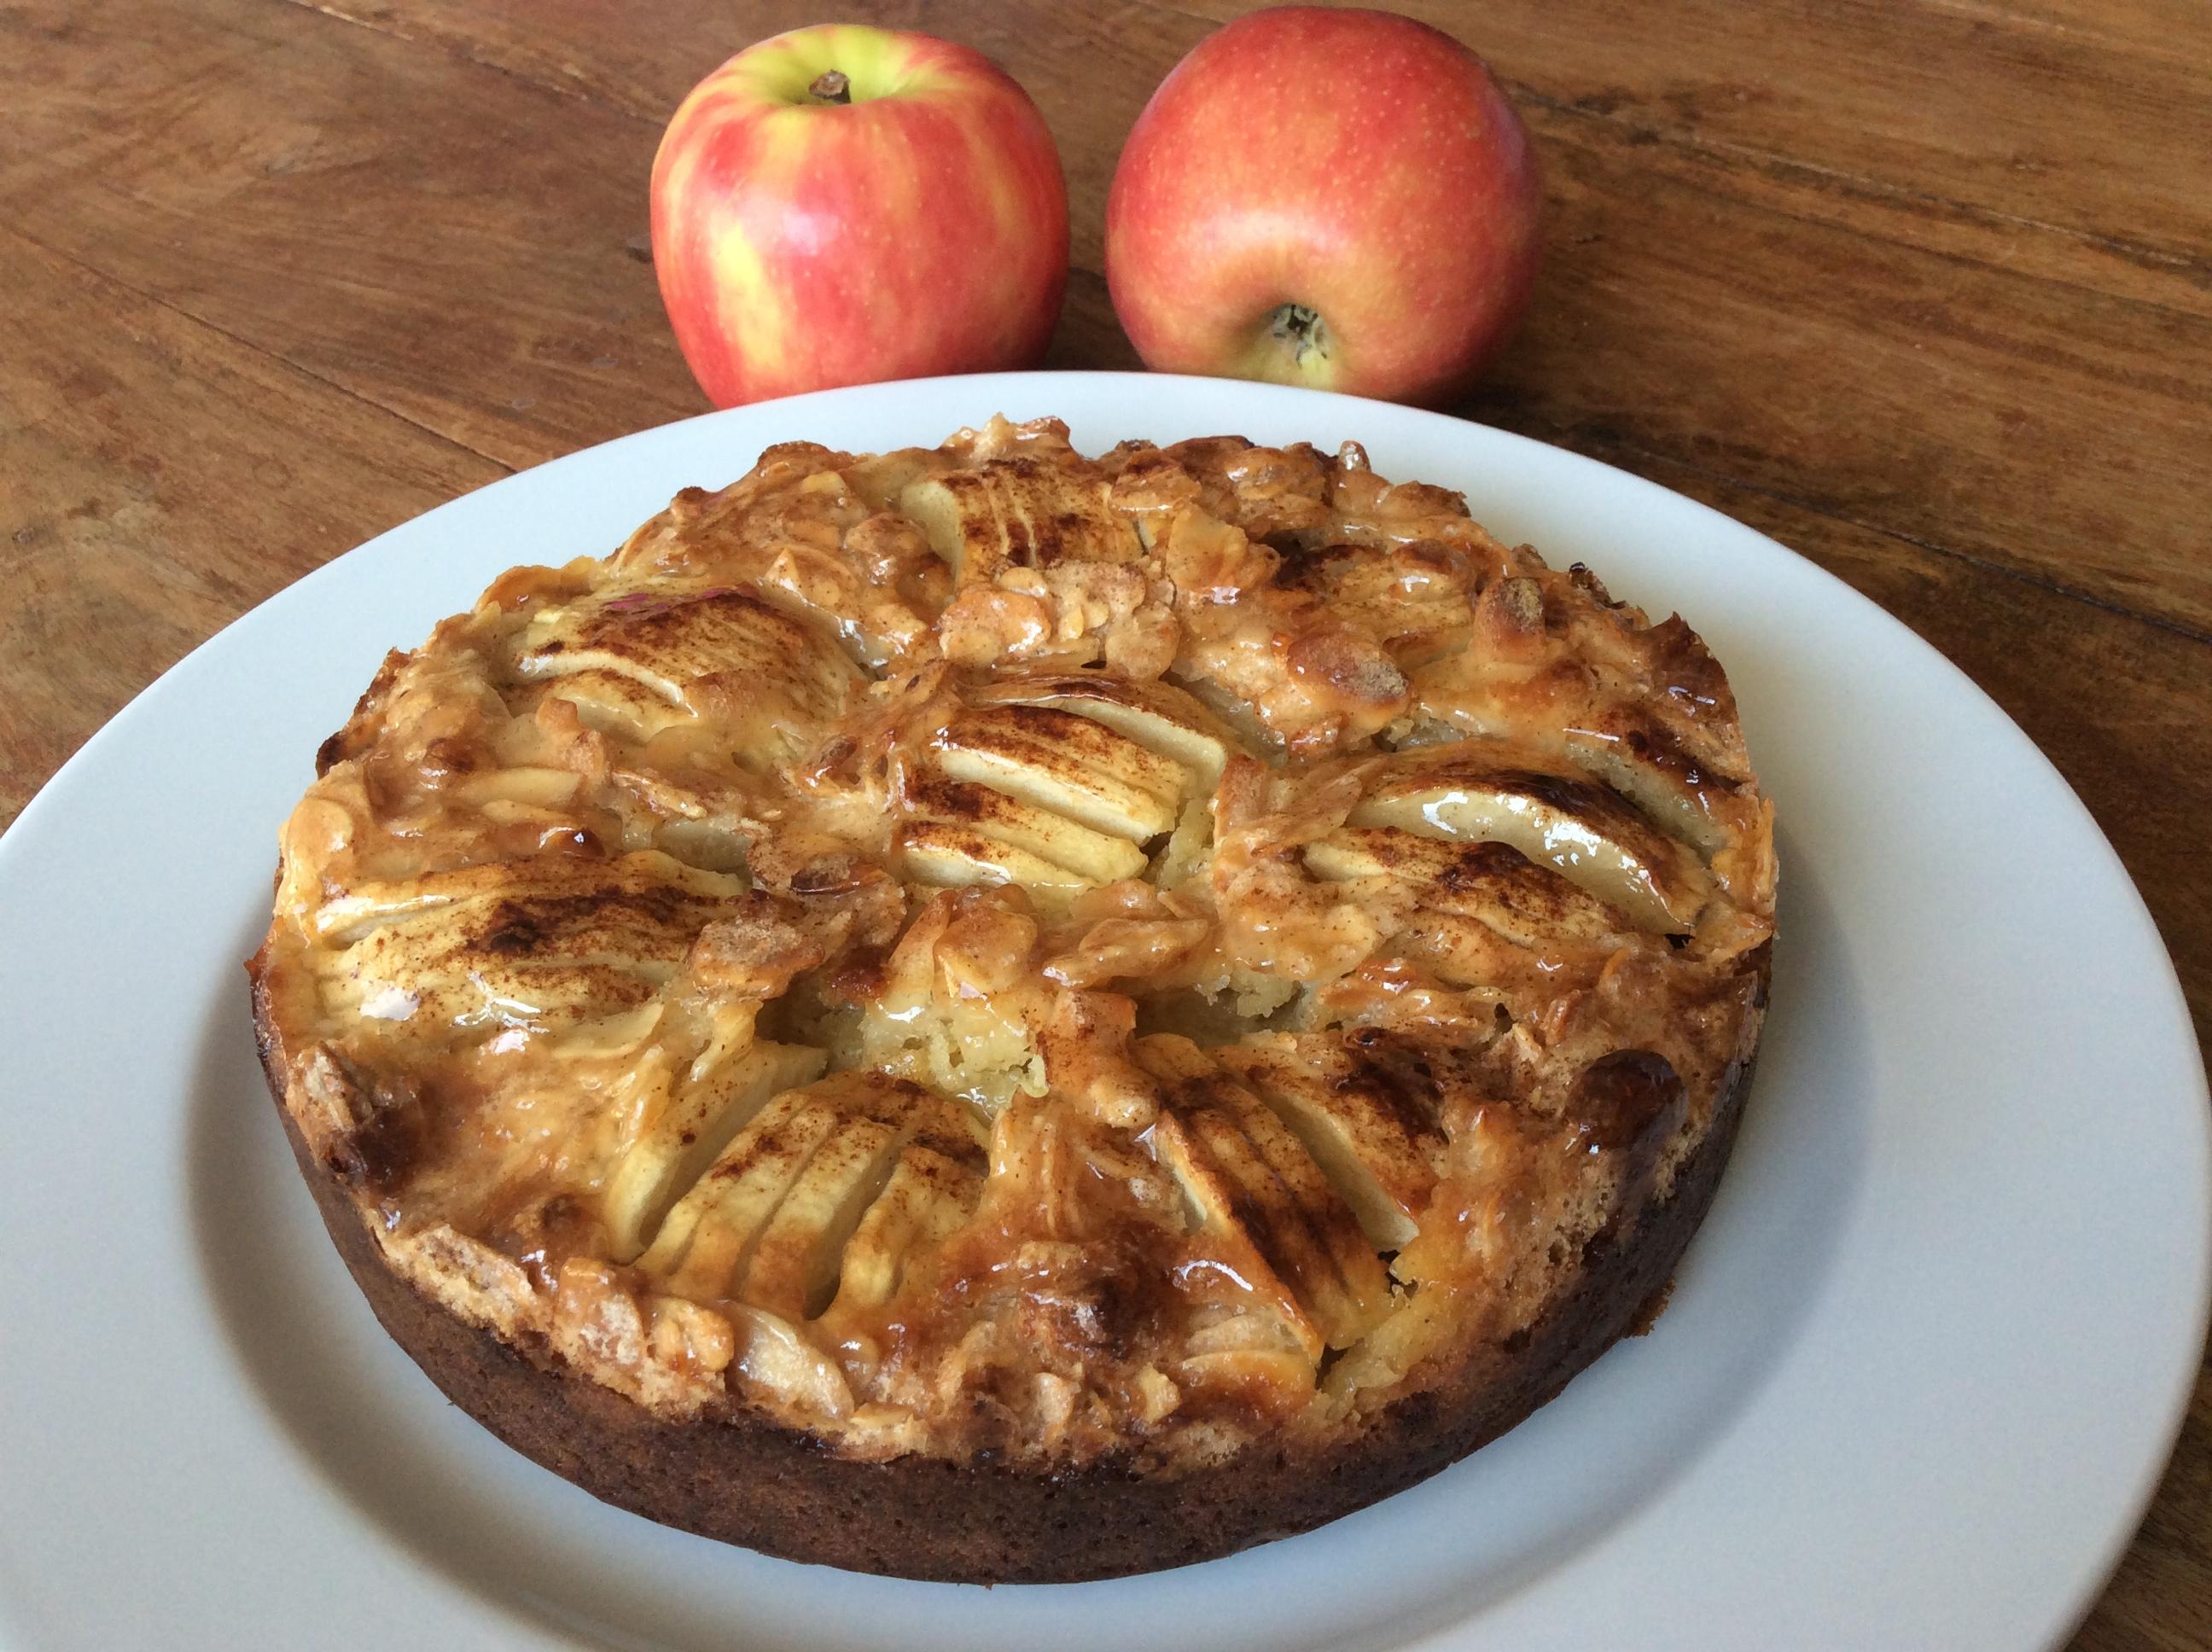 Herfstgebak met appel en amandelschilfers Image